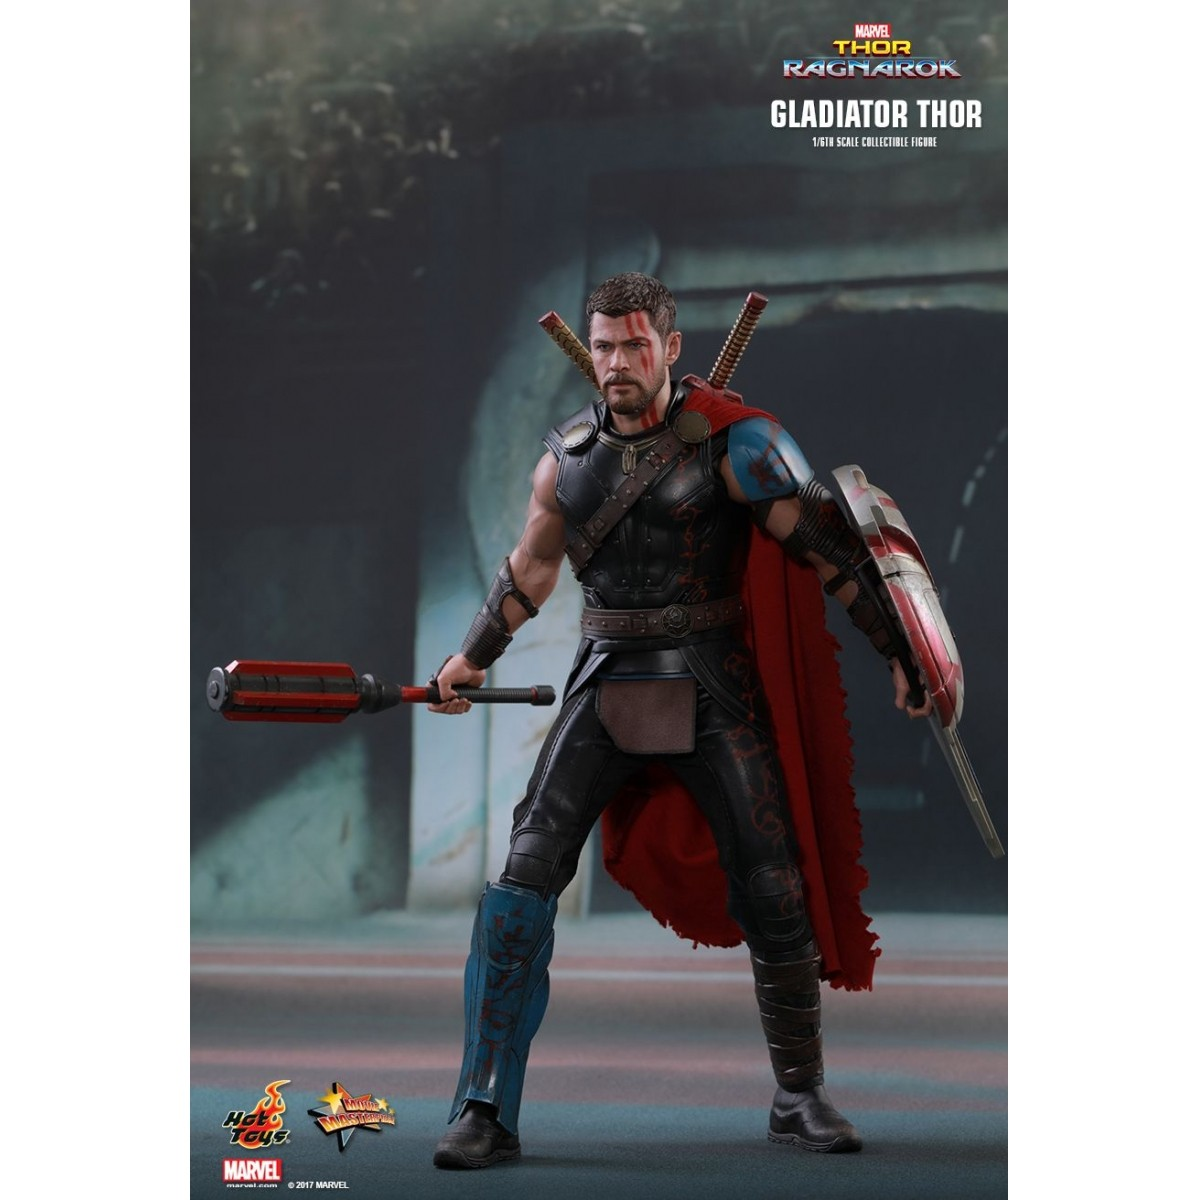 Action Figure Thor Gladiador (Gladiator) Deluxe: Thor Ragnarok (Escala 1/6) MMS445 - Hot Toys